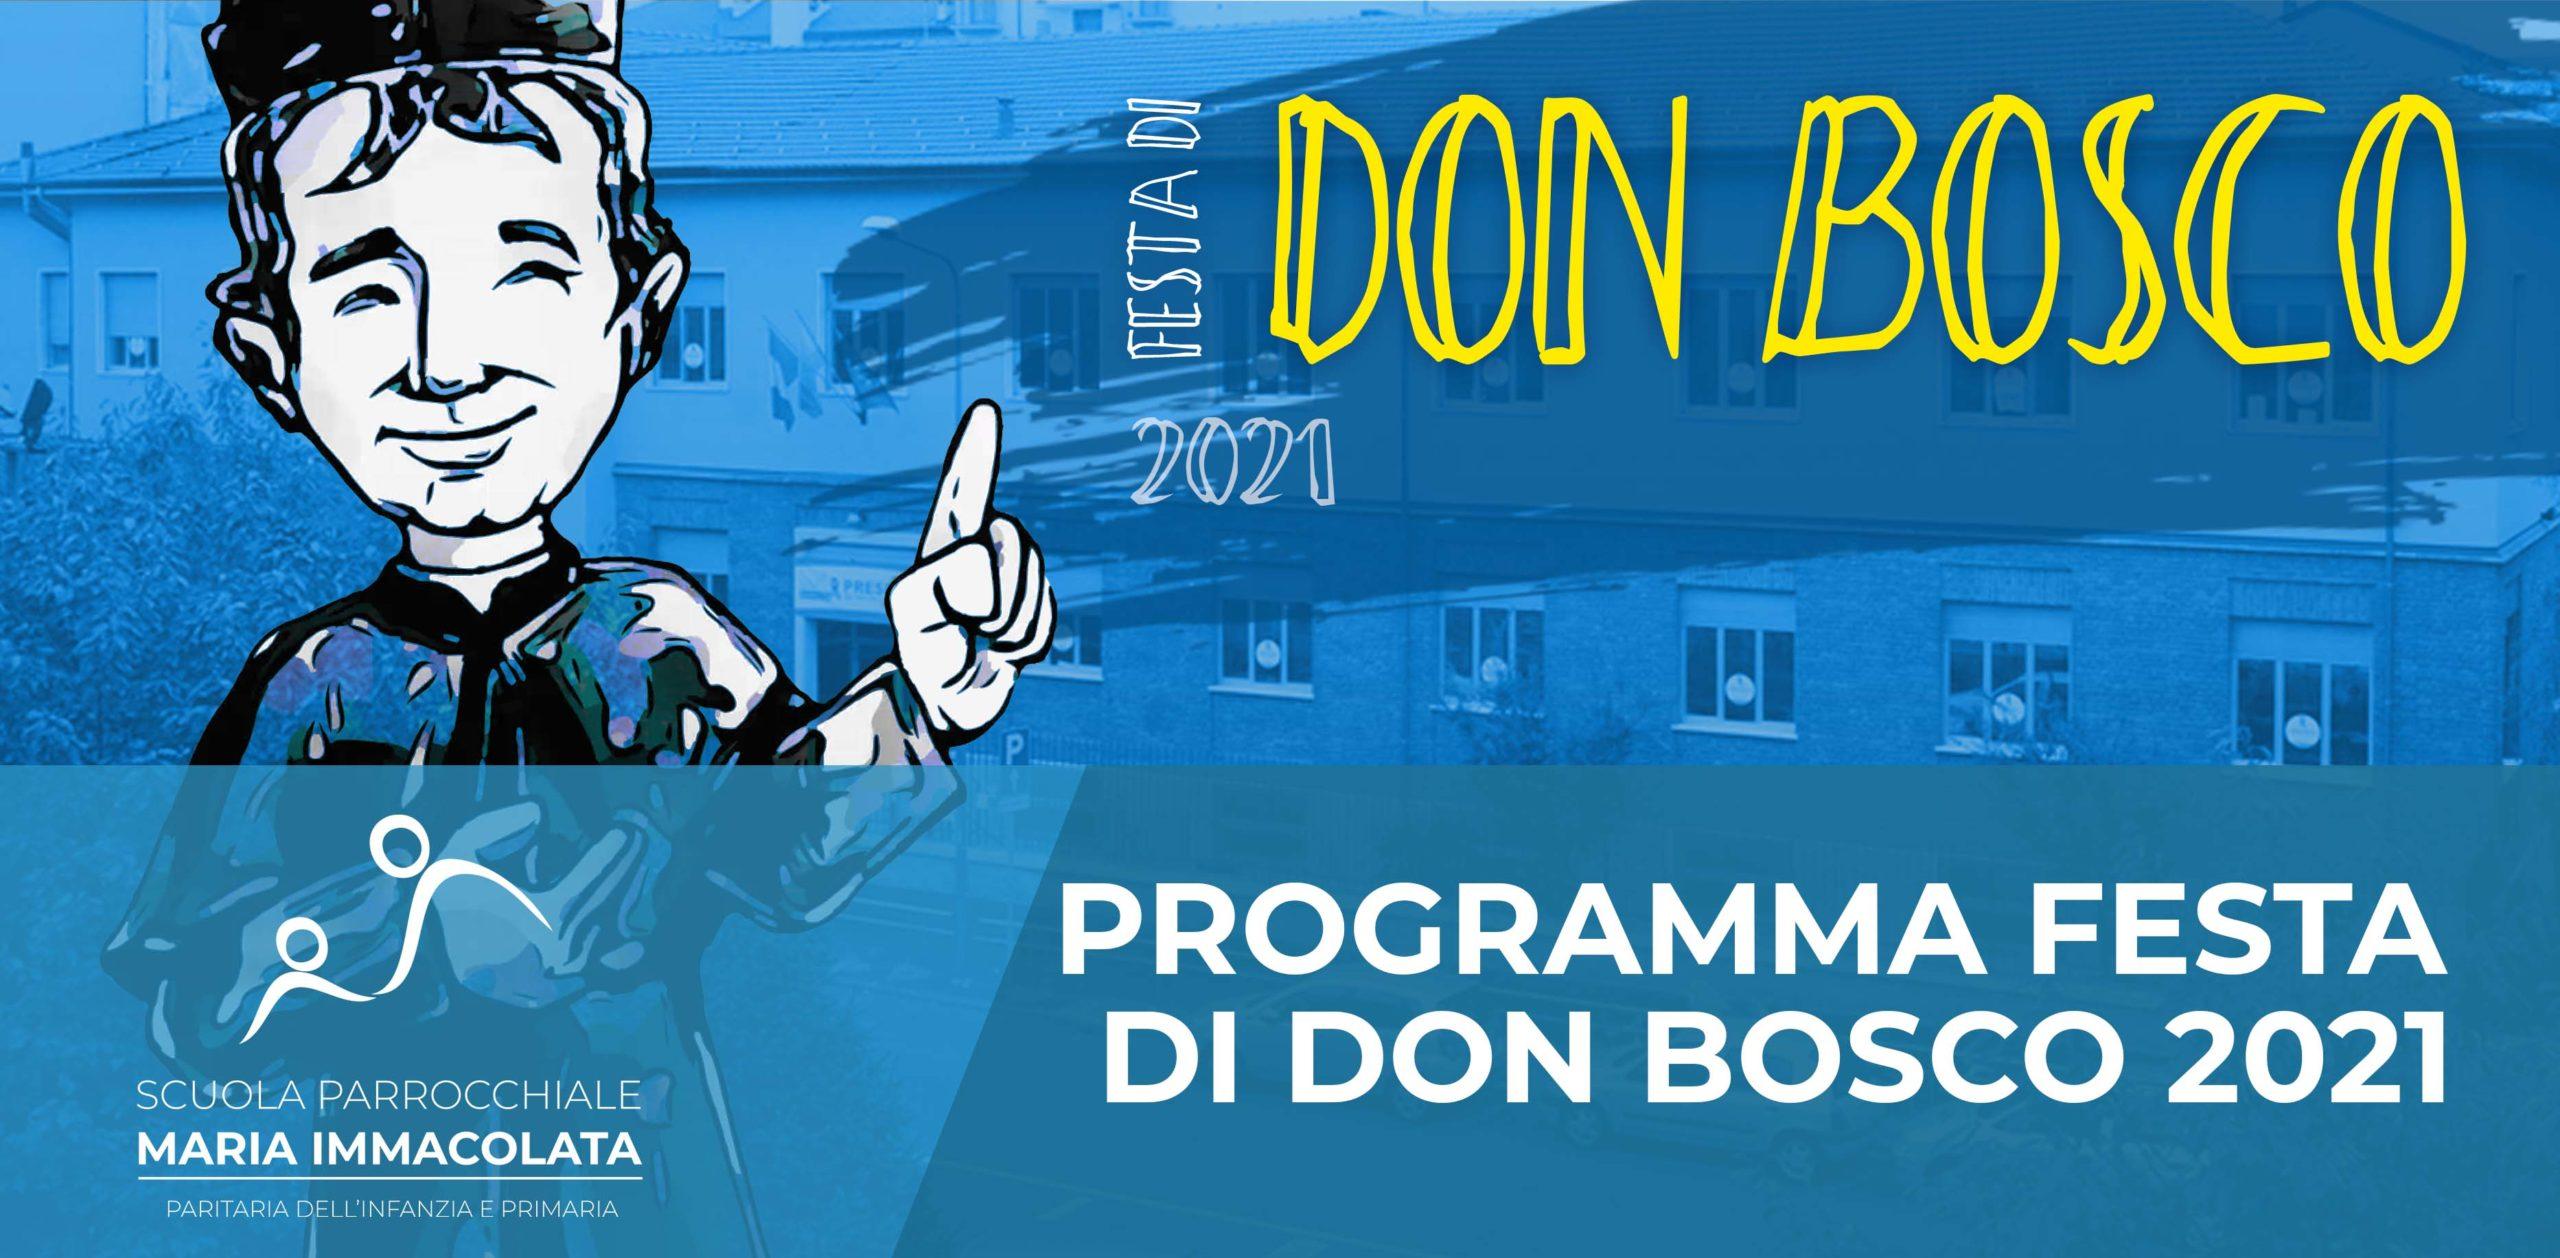 Venerdì 29 e domenica 31 gennaio 2021: Festa di don Bosco